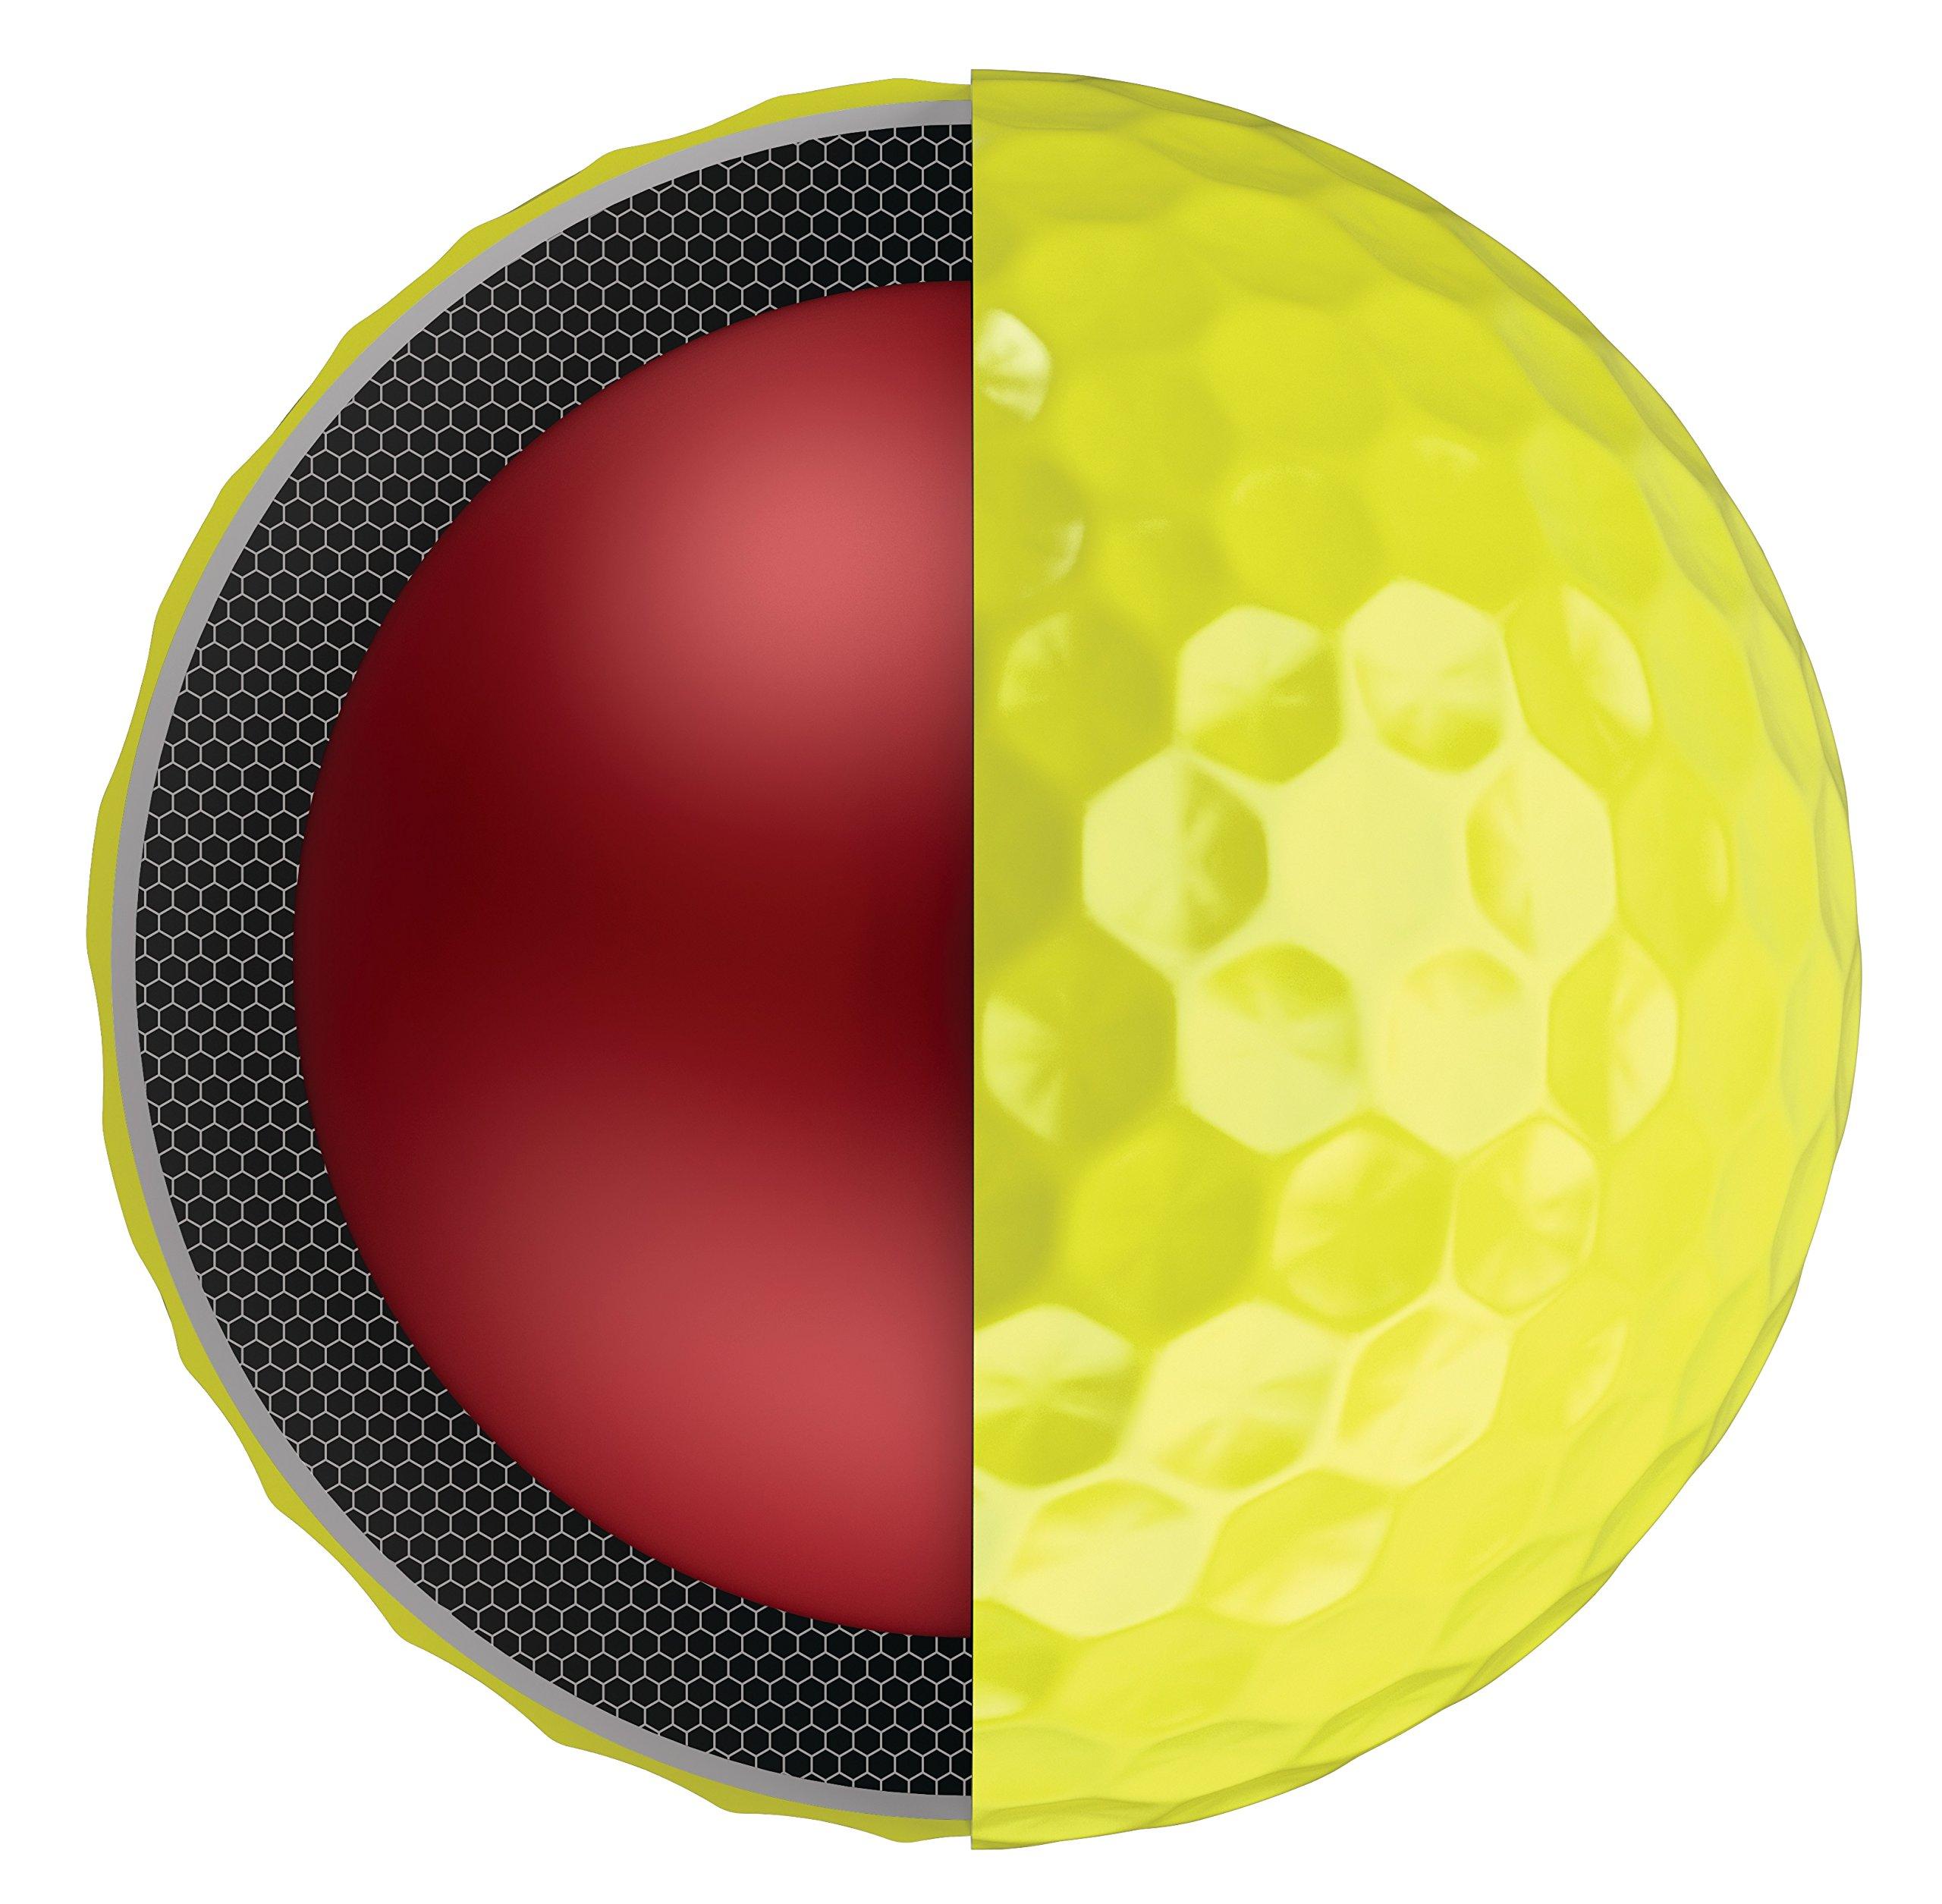 Callaway Golf Chrome Soft Golf Balls, (One Dozen), Yellow by Callaway